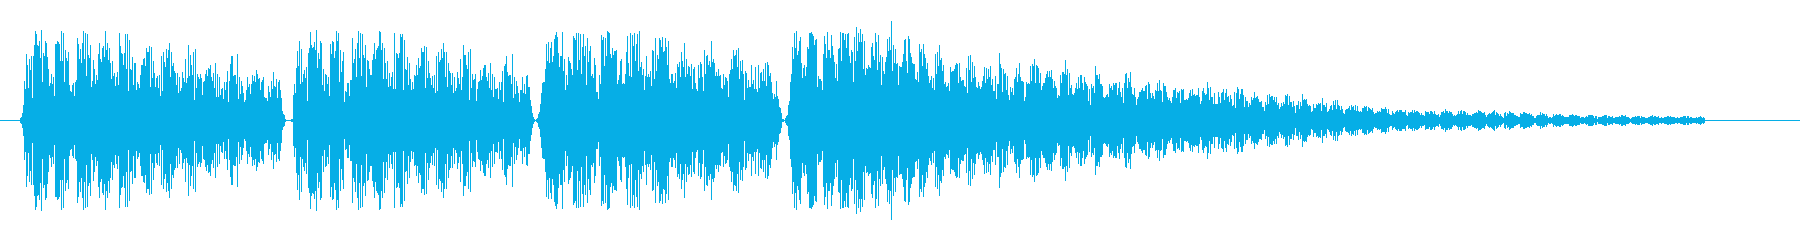 ビブラホーン風のお知らせ音の再生済みの波形